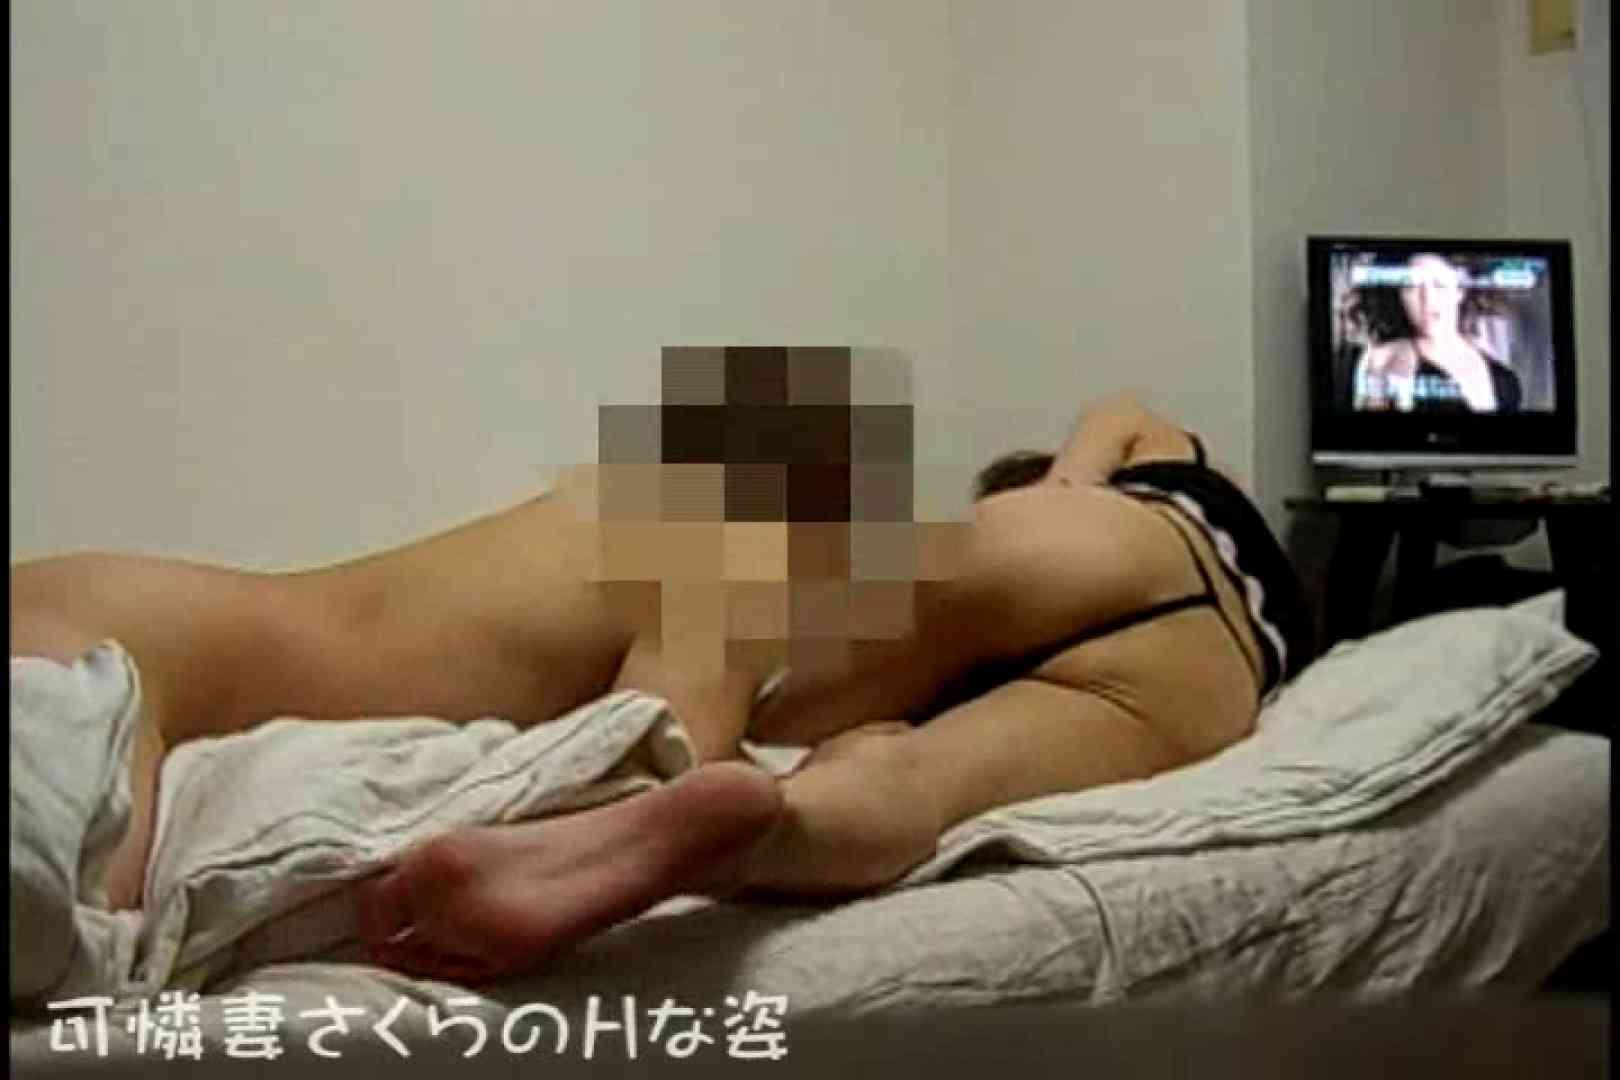 可憐妻さくらのHな姿vol.2 セックス映像 オマンコ動画キャプチャ 64pic 4